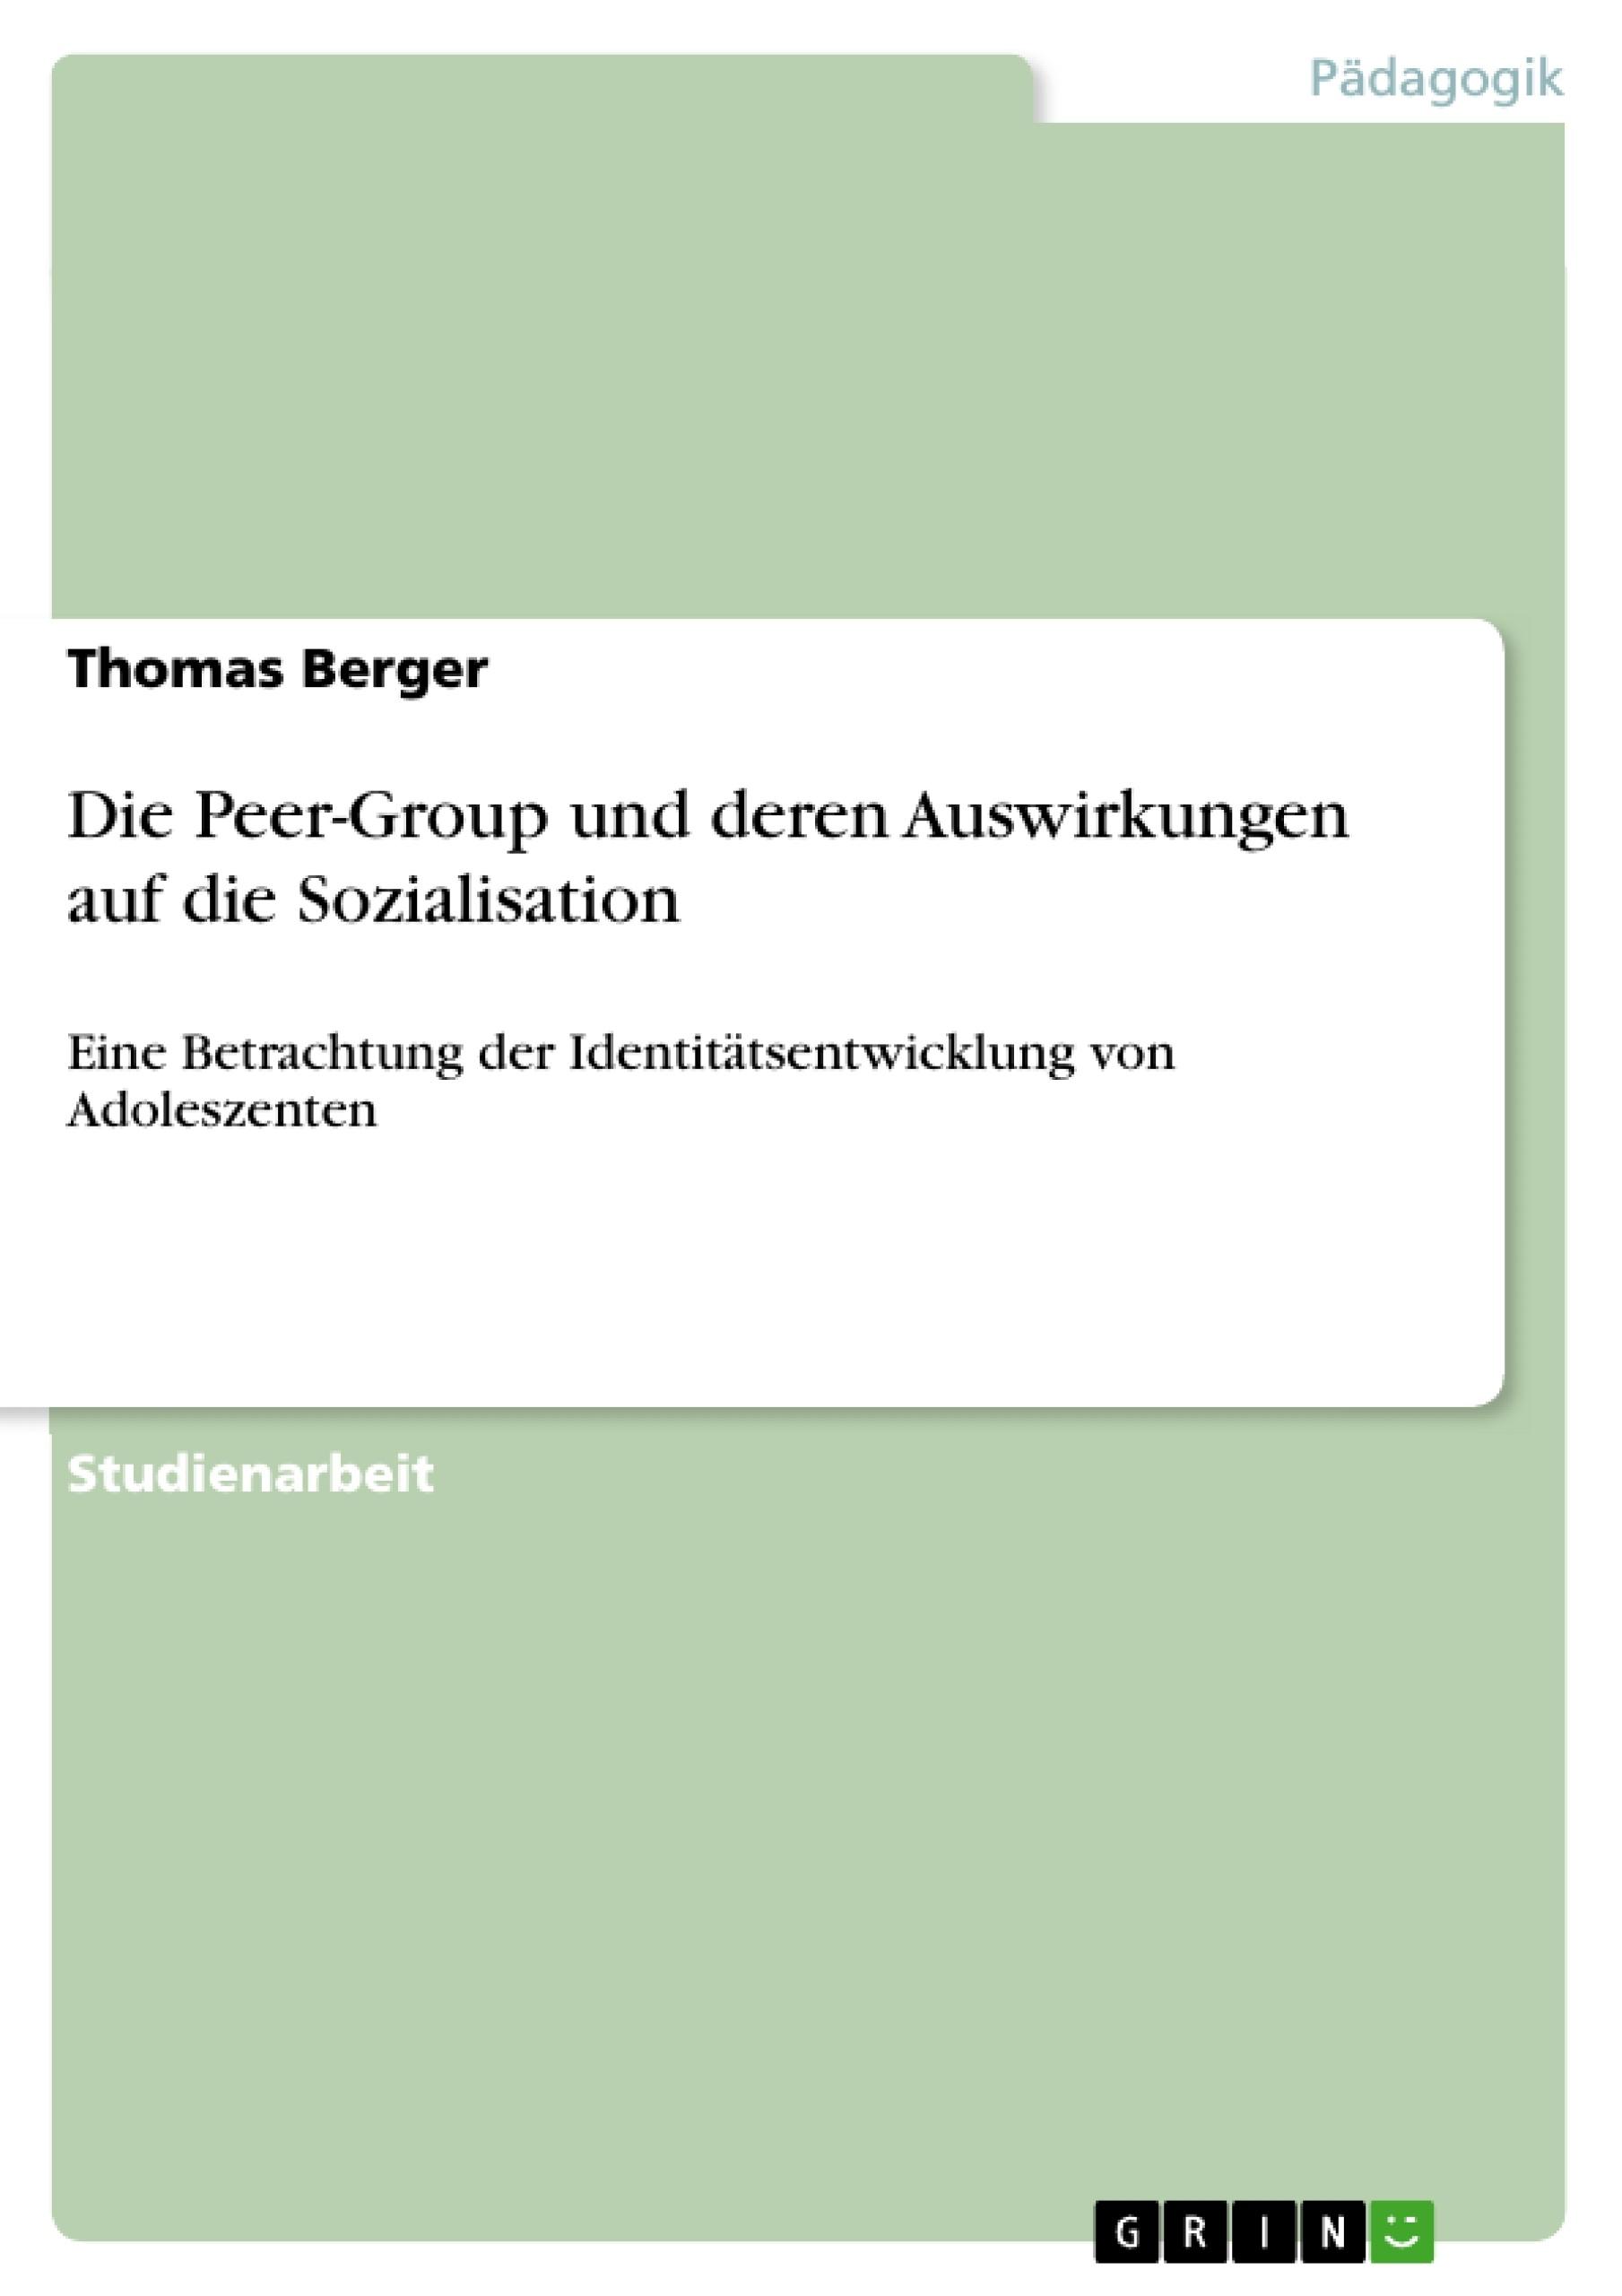 Titel: Die Peer-Group und deren Auswirkungen auf die Sozialisation